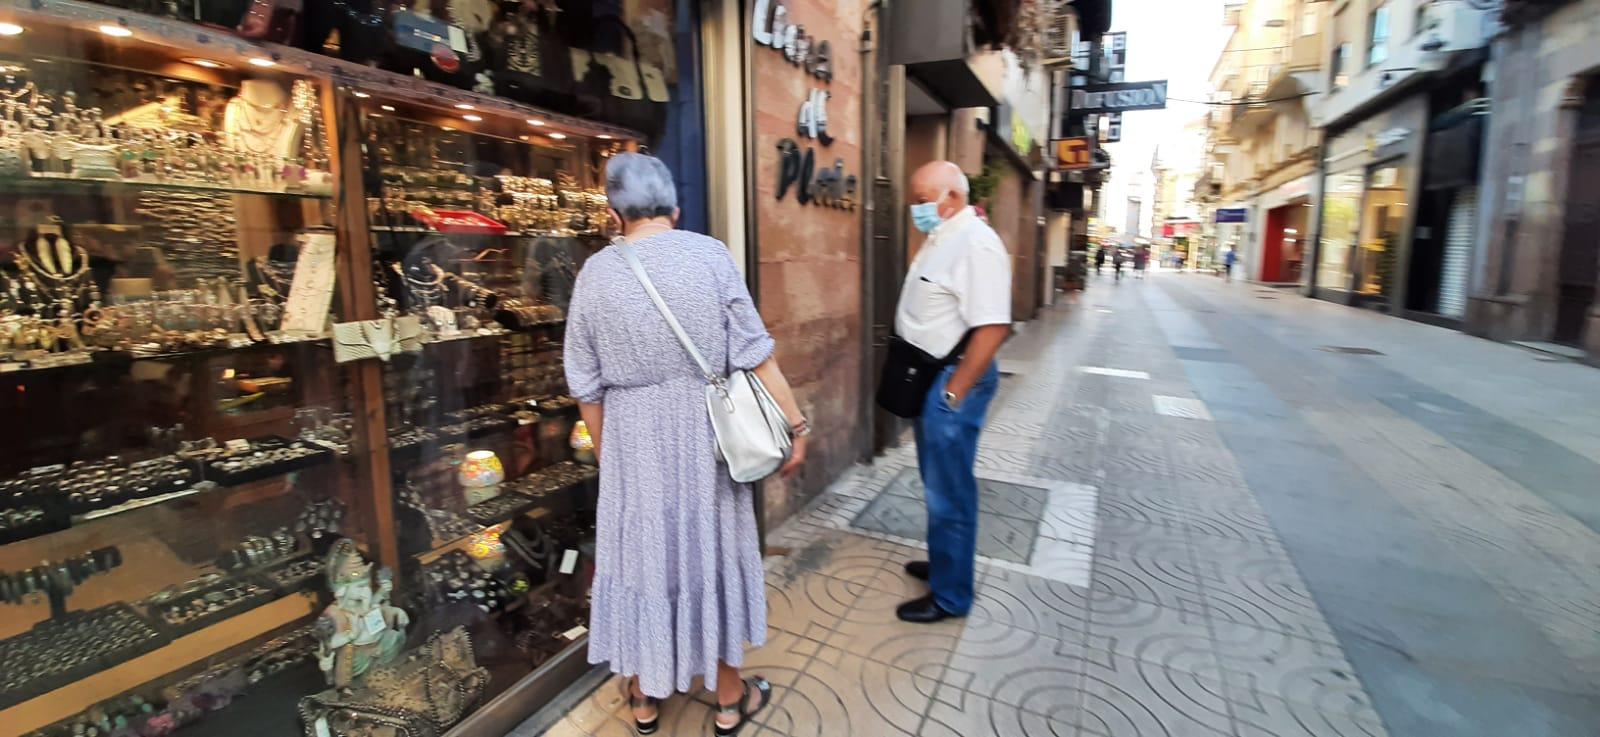 Las calles Ancha, Consolación y Serafín Escalante de Torrelavega participan en el concurso 'Escaparate Compartido'